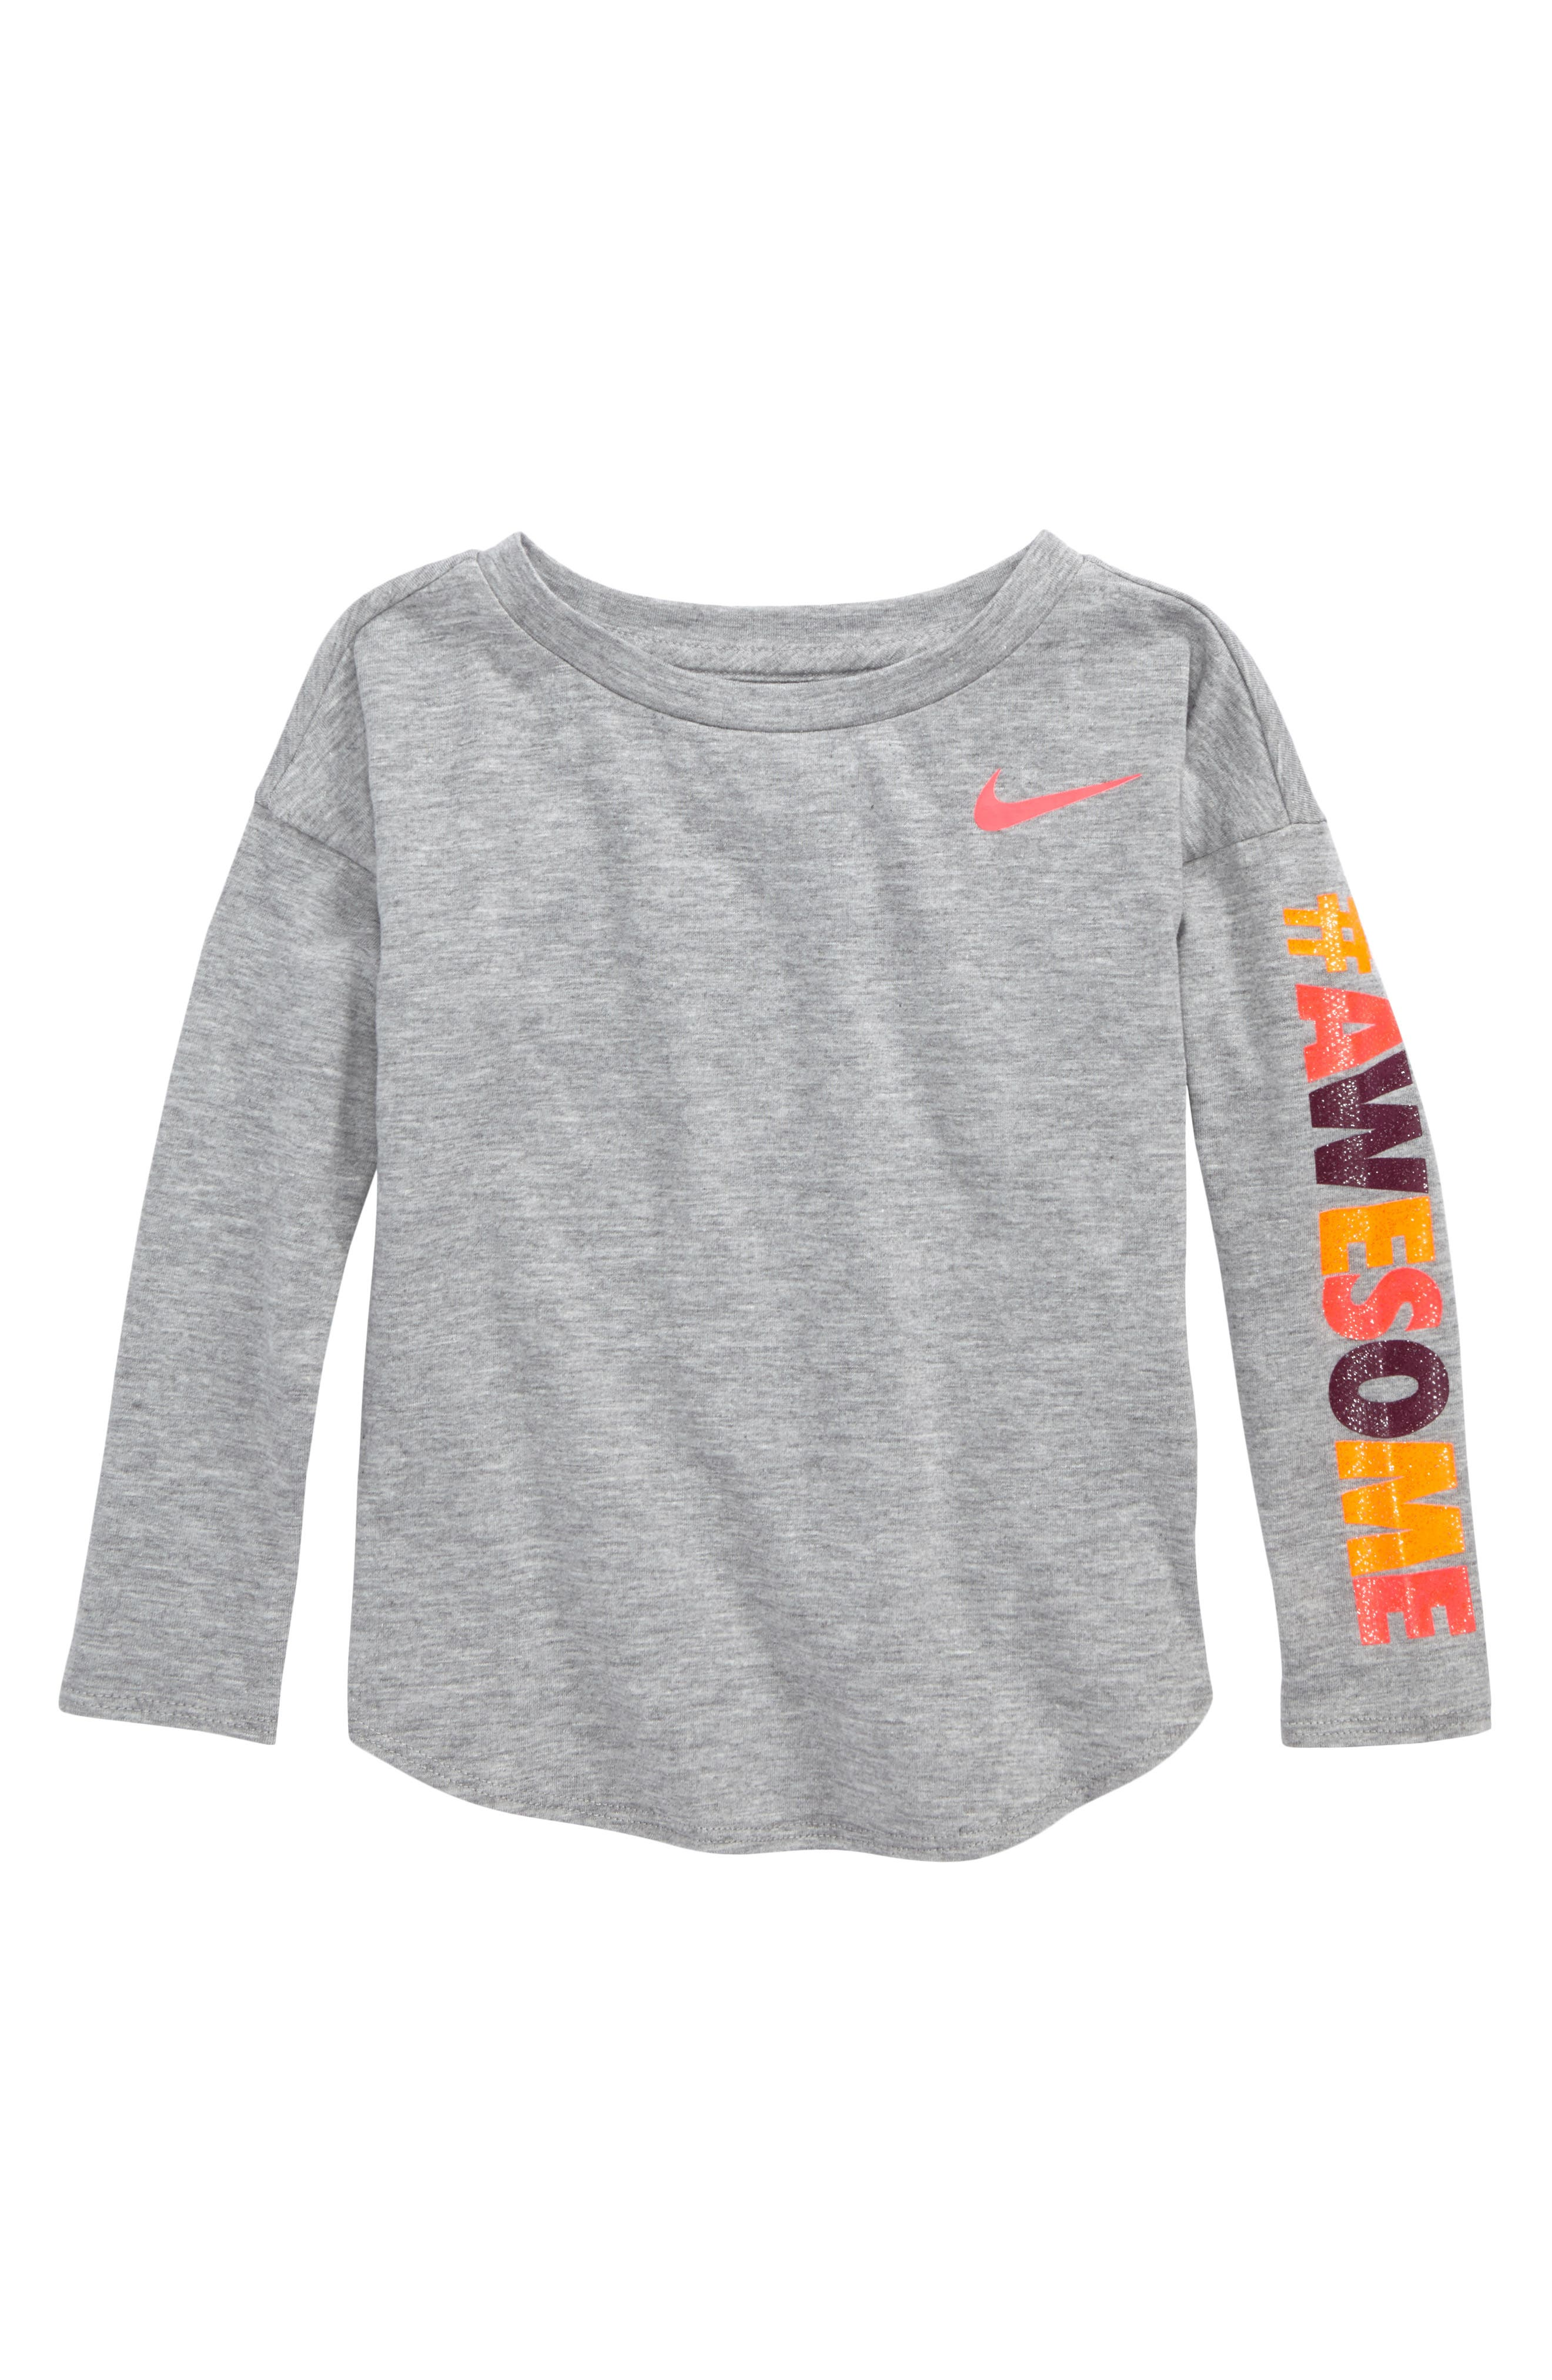 Nike Awesome Modern Tee (Toddler Girls)